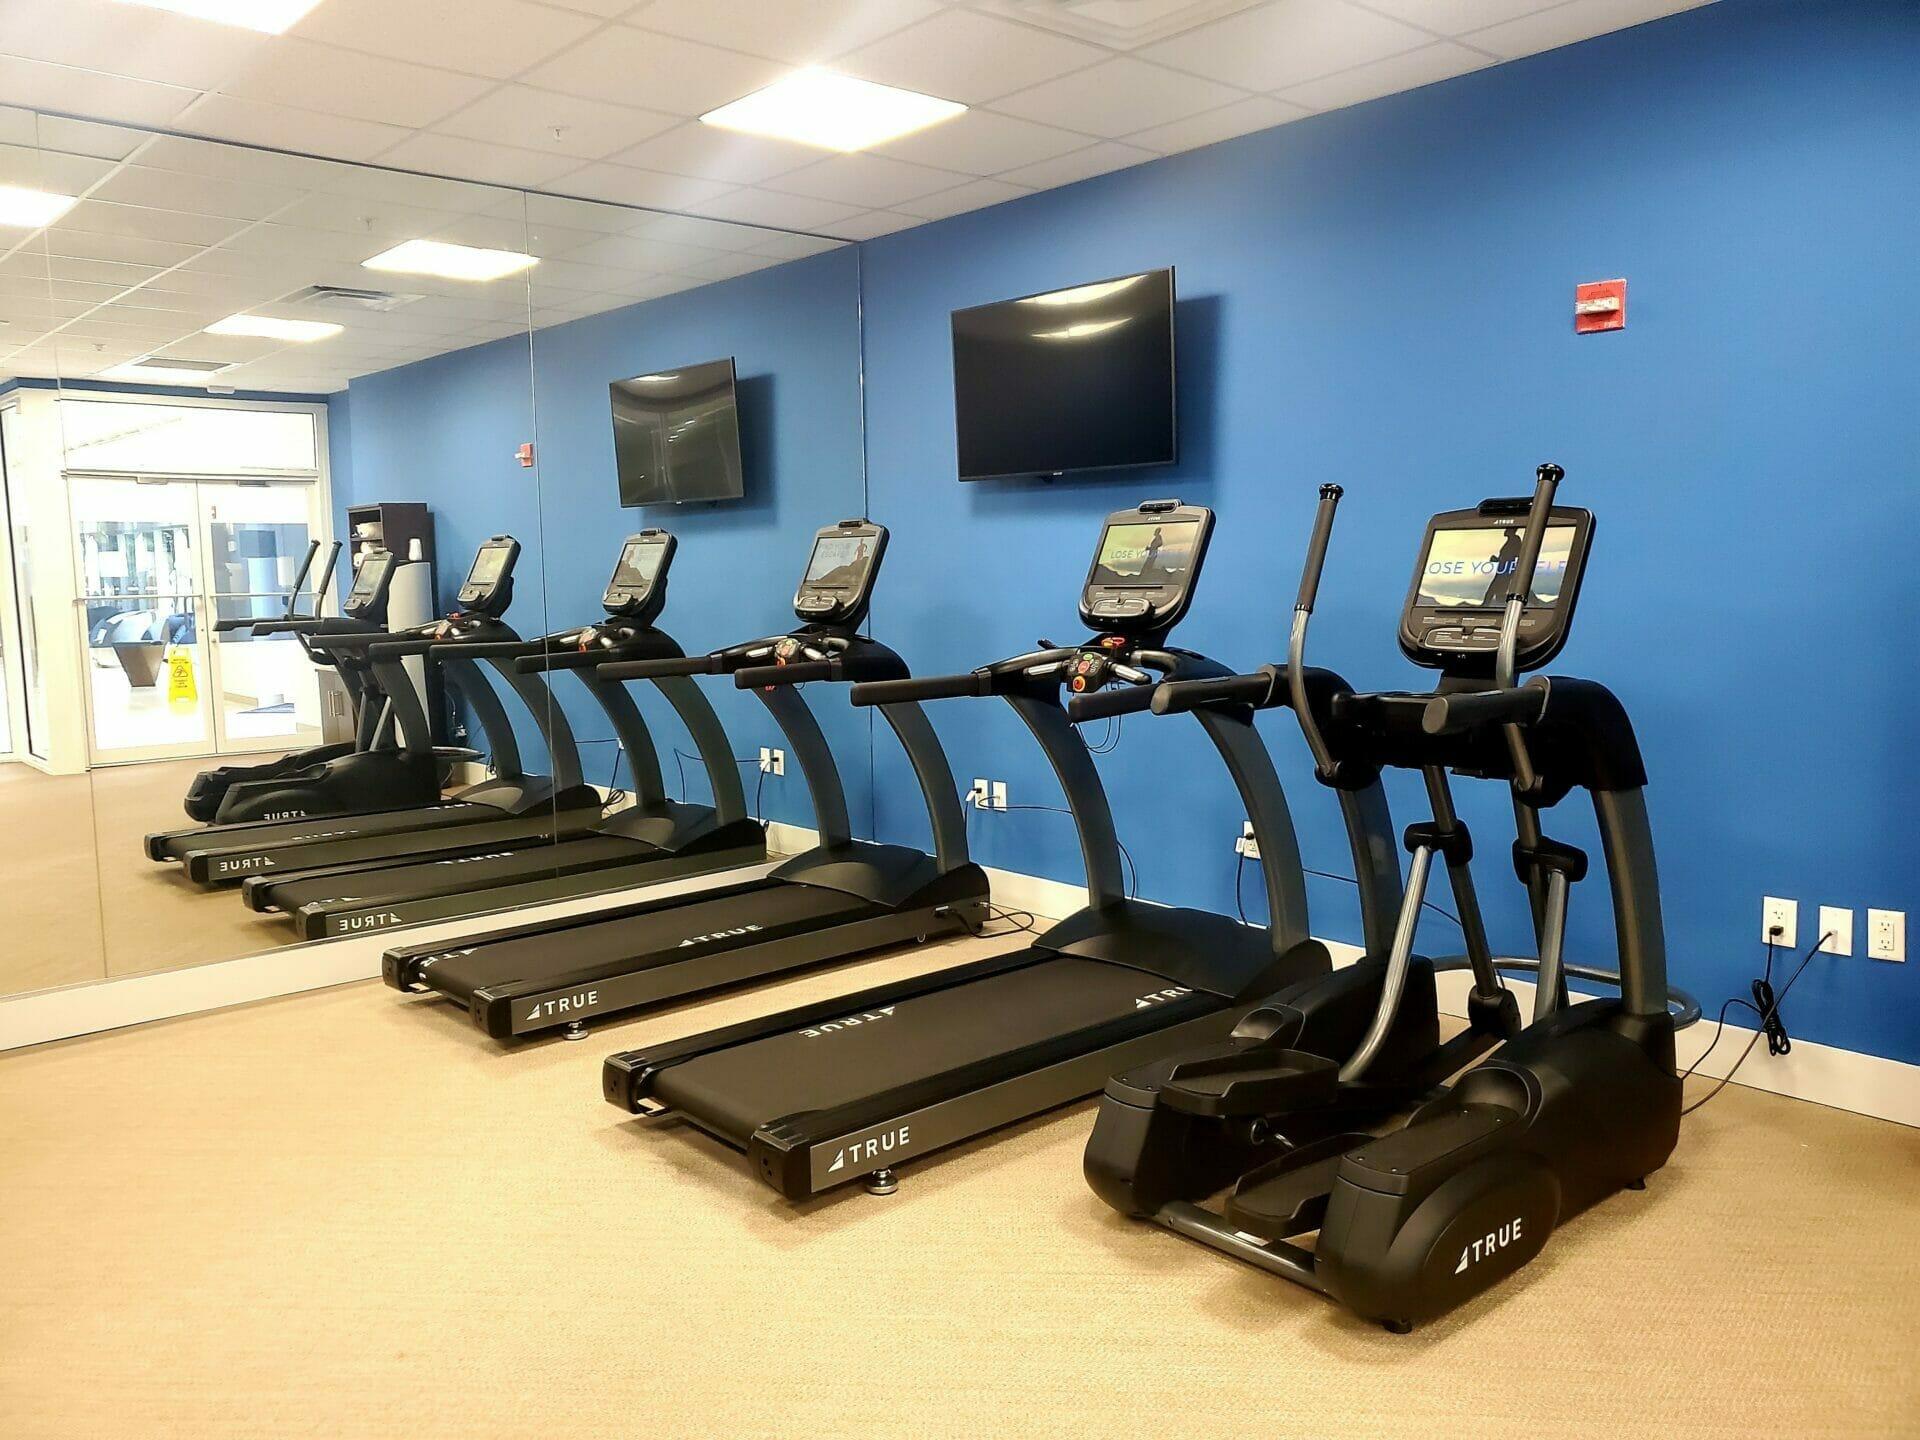 Radisson Park Inn Resort Orlando Hotel Fitness